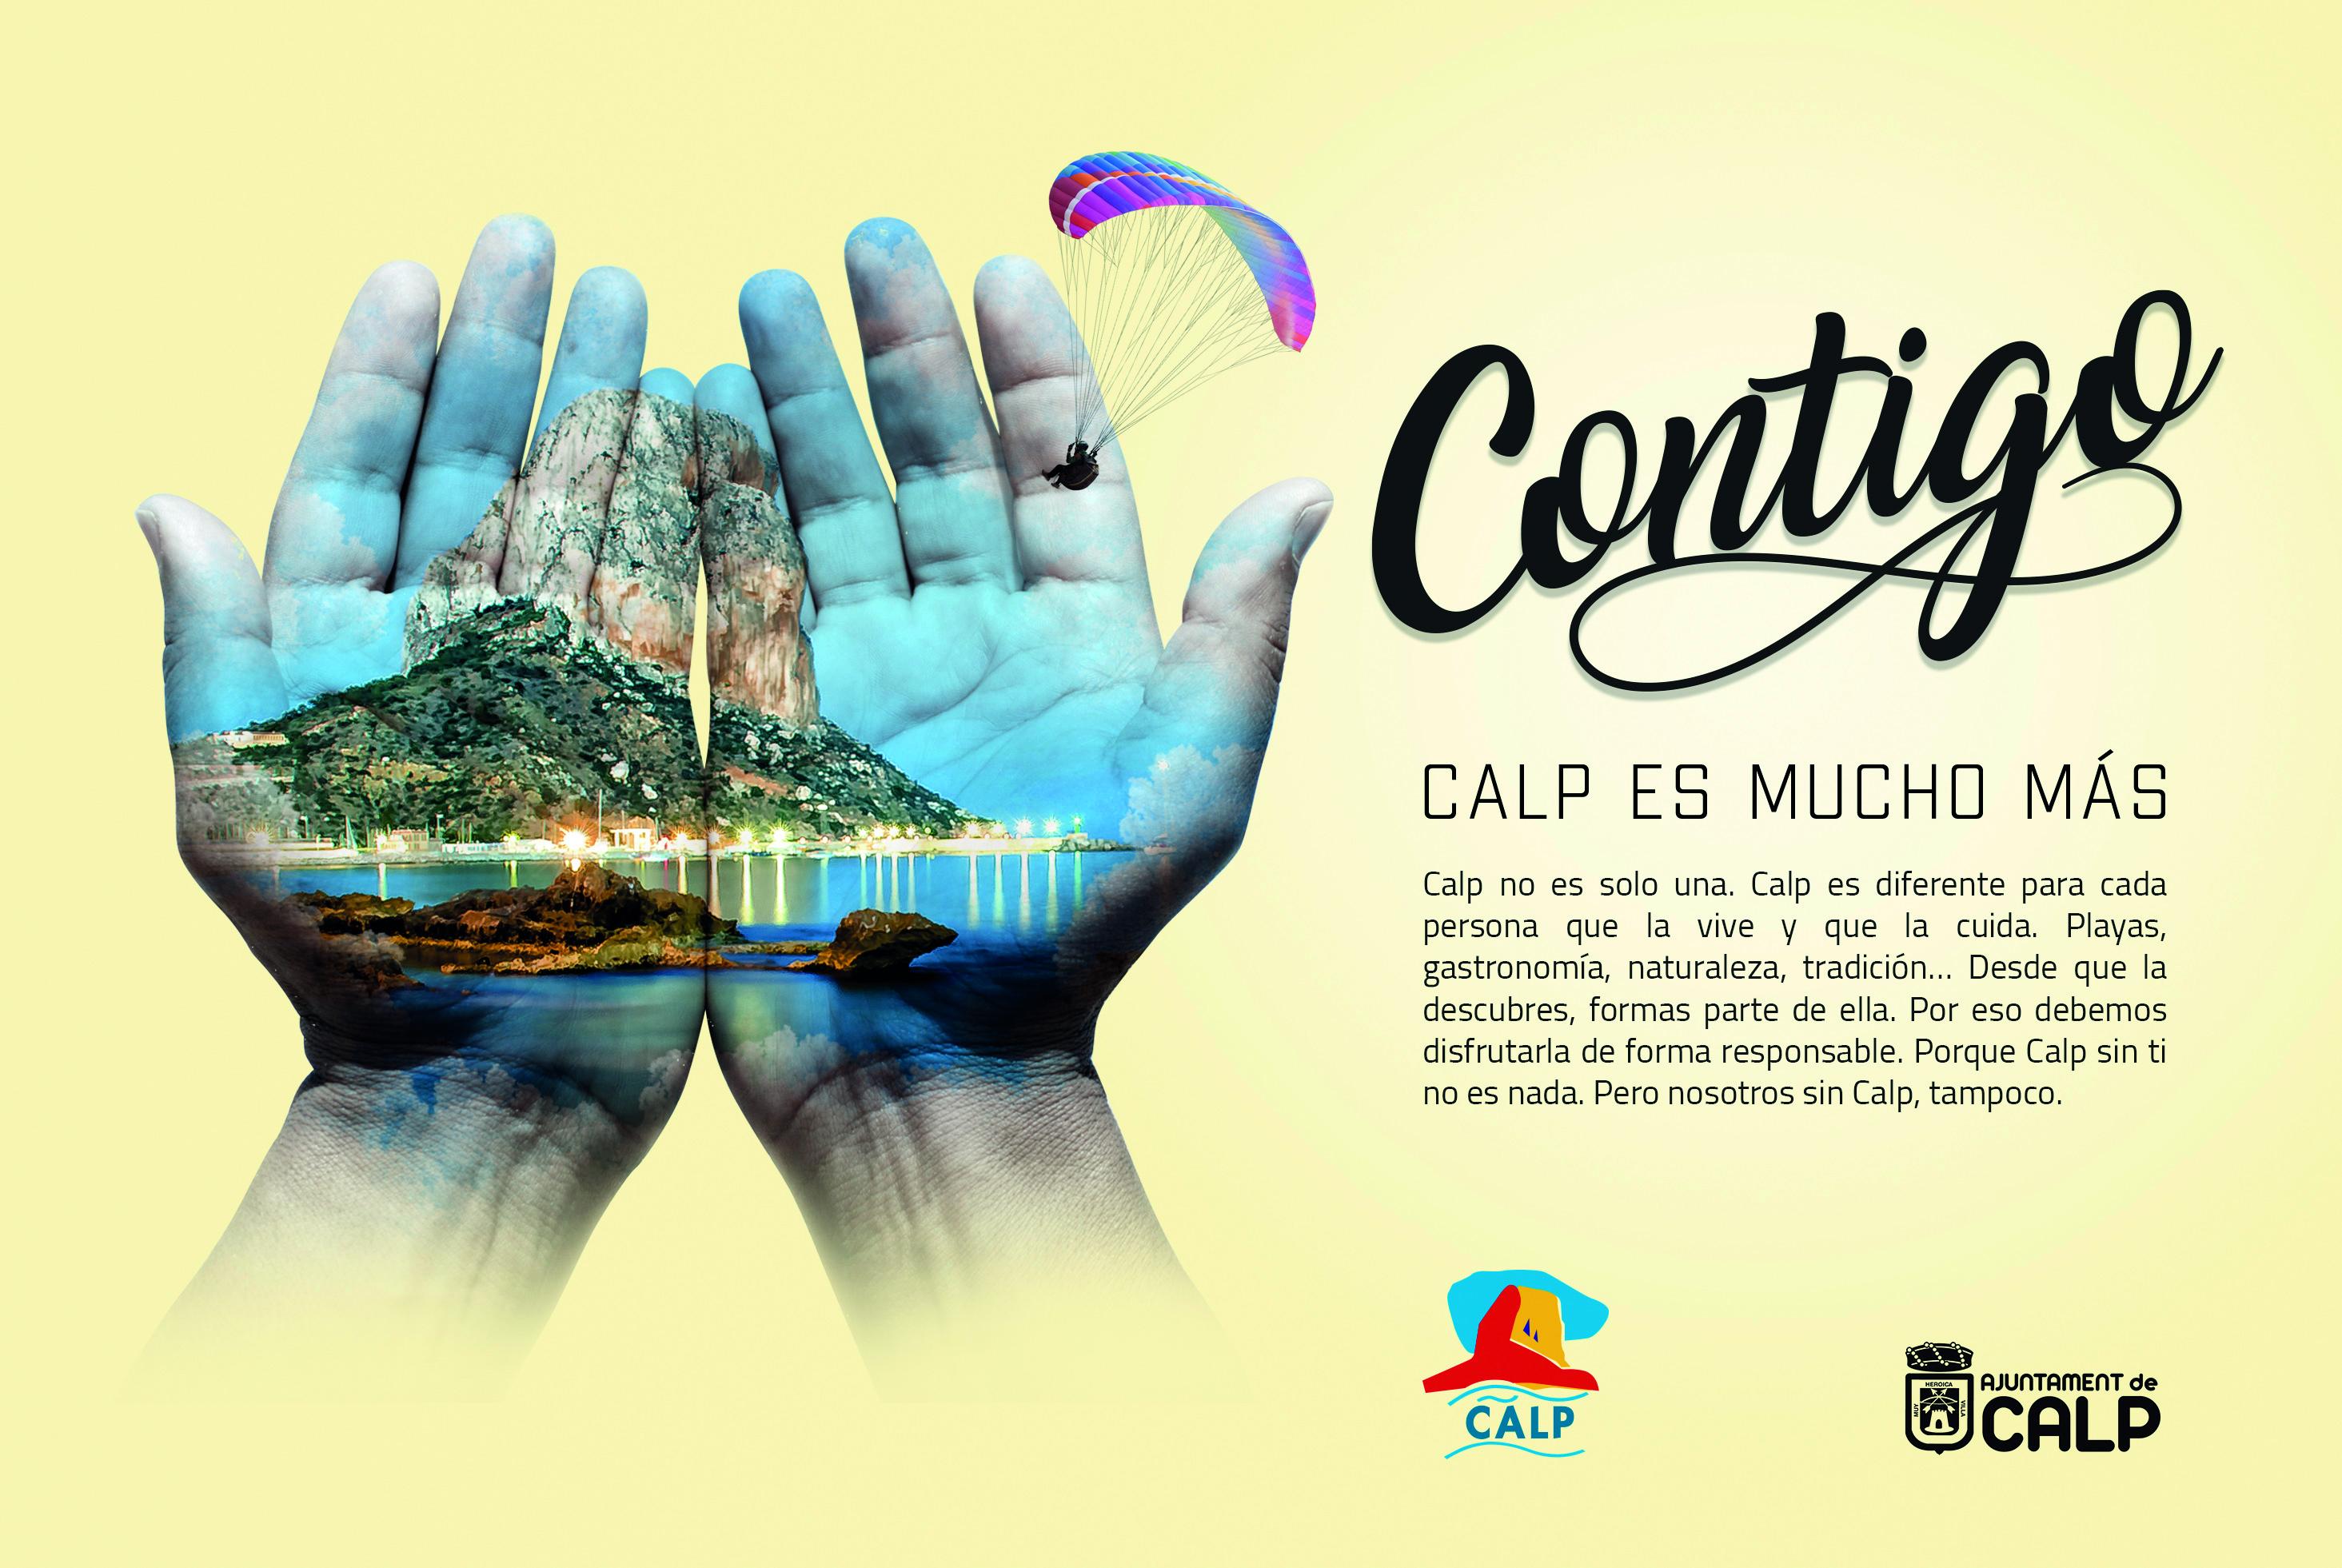 Calp lanza una campaña de sensibilización para promover un turismo responsable y sostenible